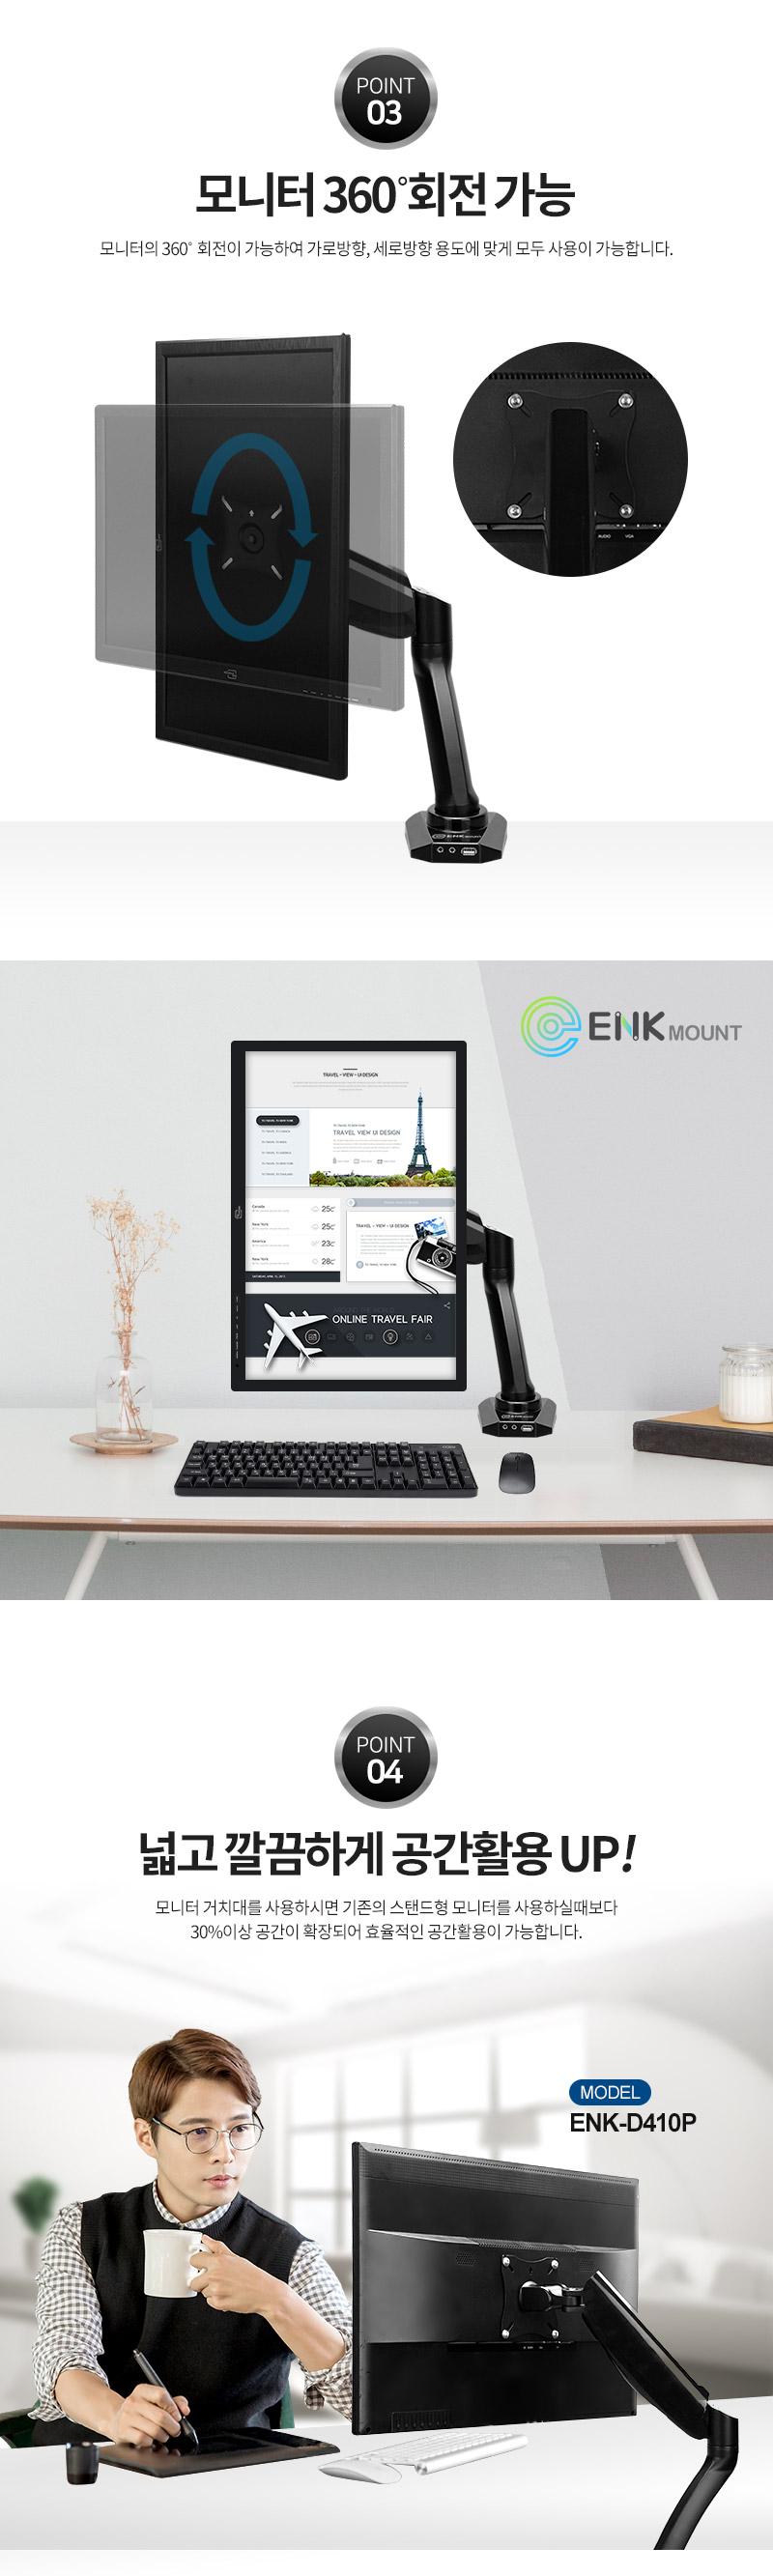 ENK-D410P_03.jpg